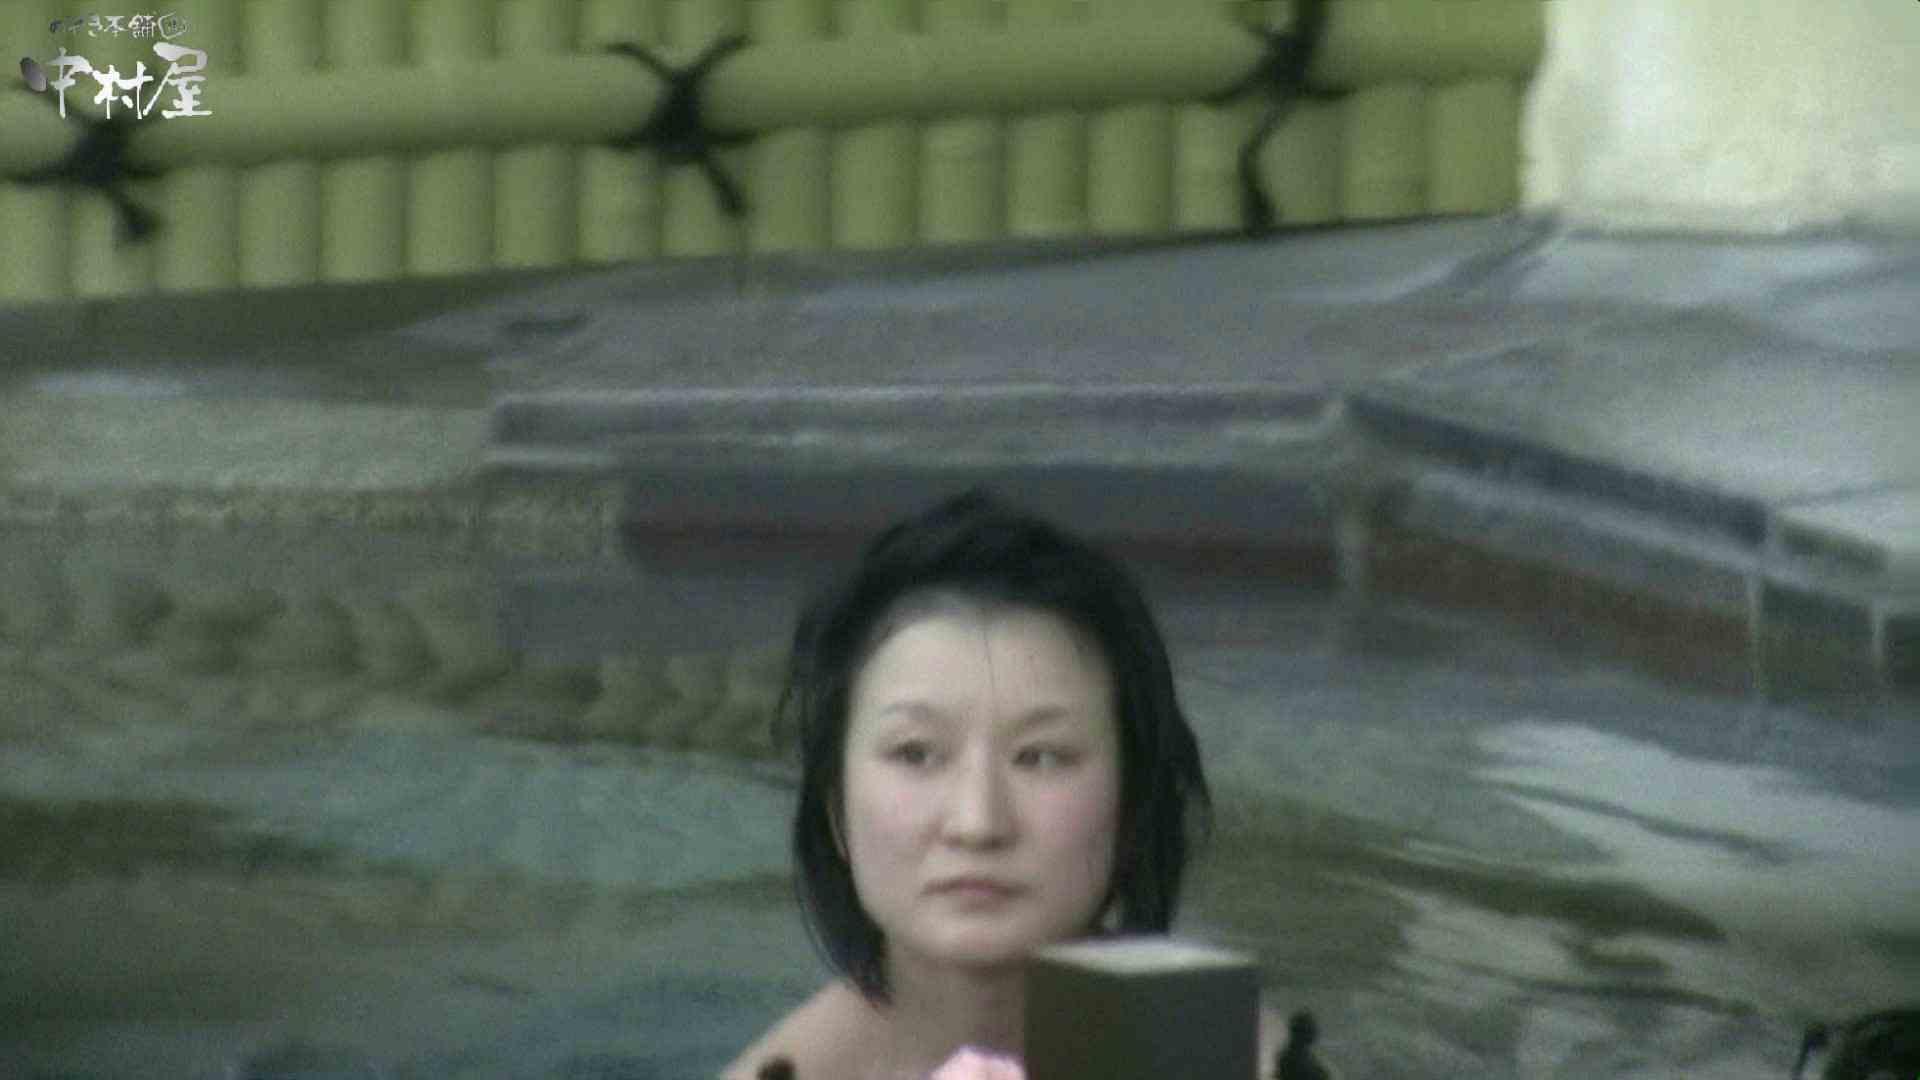 Aquaな露天風呂Vol.982 美しいOLの裸体   盗撮師作品  78pic 19